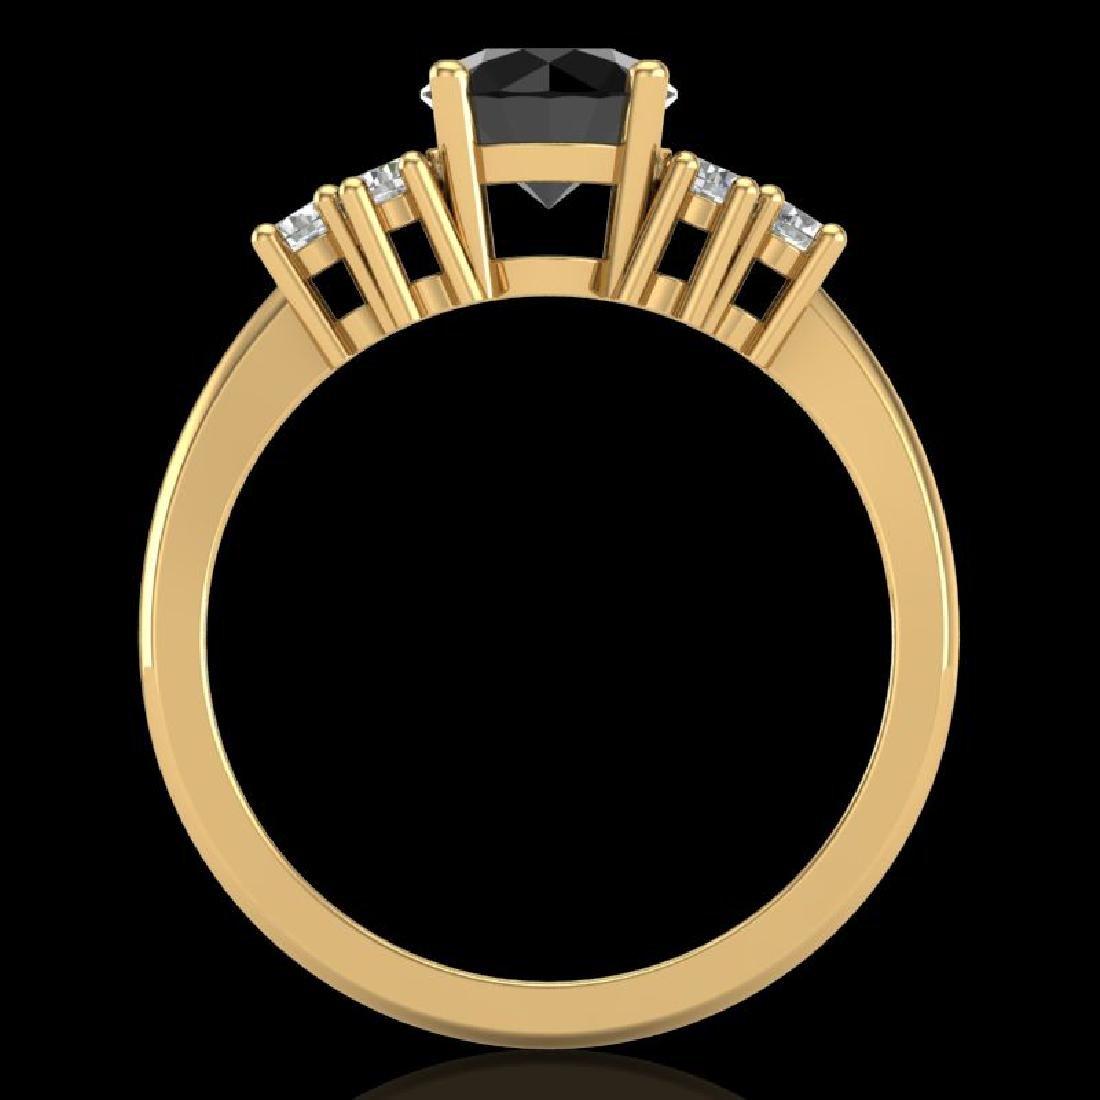 1.5 CTW Fancy Black Diamond Solitaire Engagement - 3